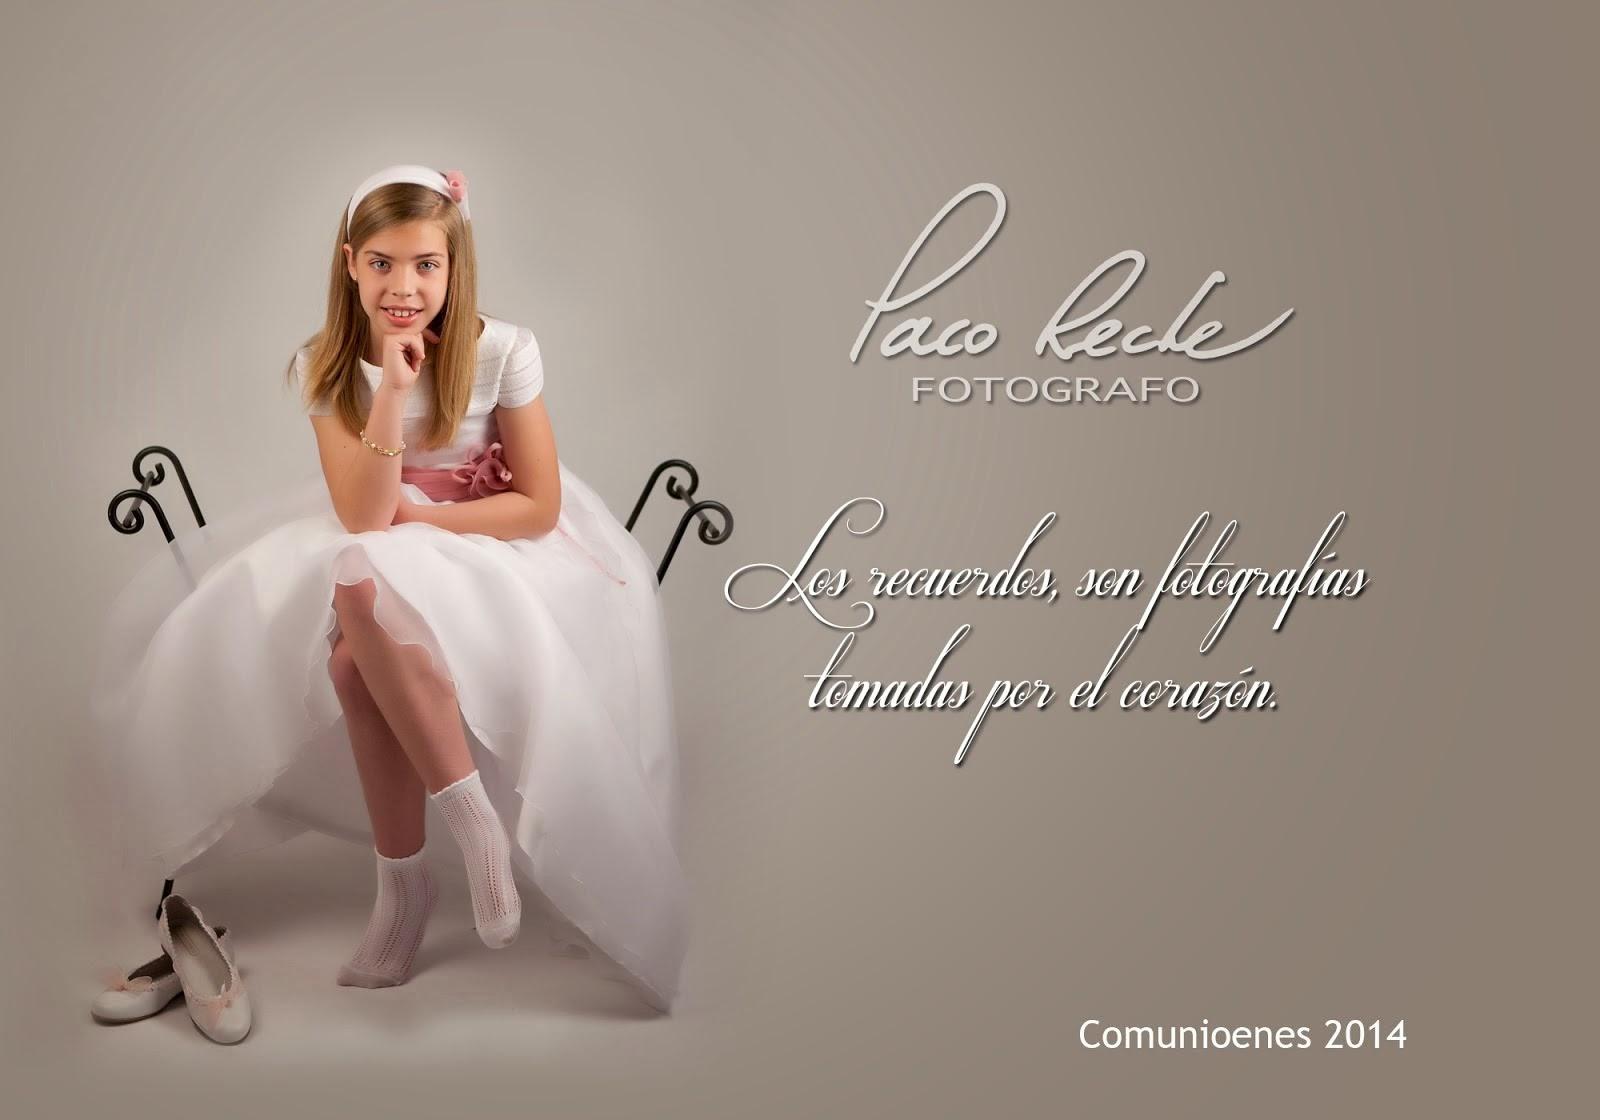 PACO RECHE Fotografo